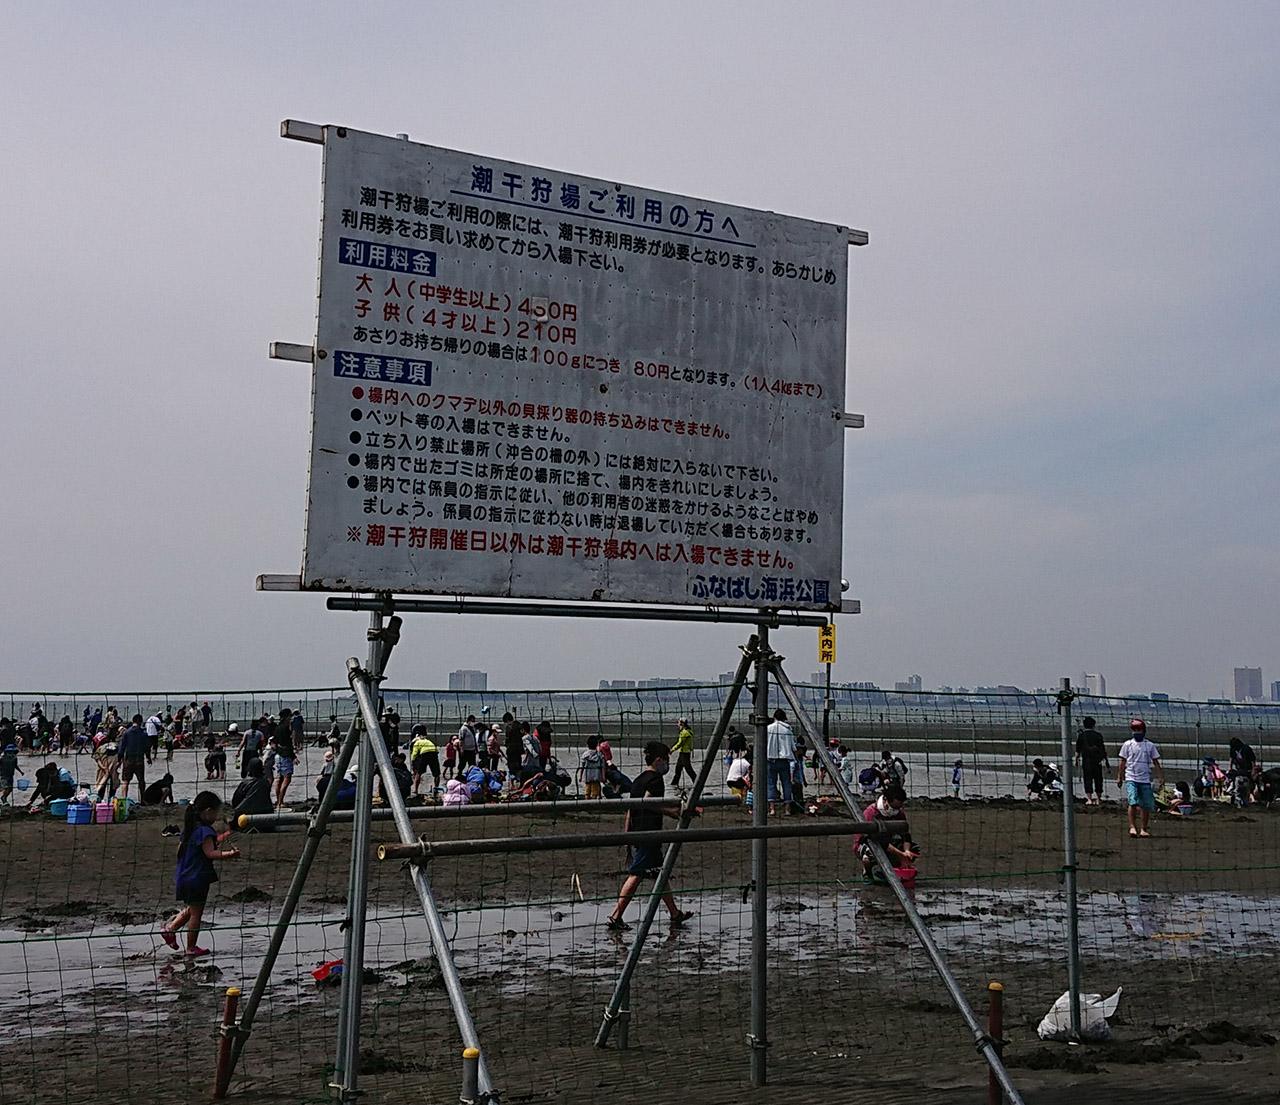 ふなばし三番瀬海浜公園の潮干狩りの案内看板写真